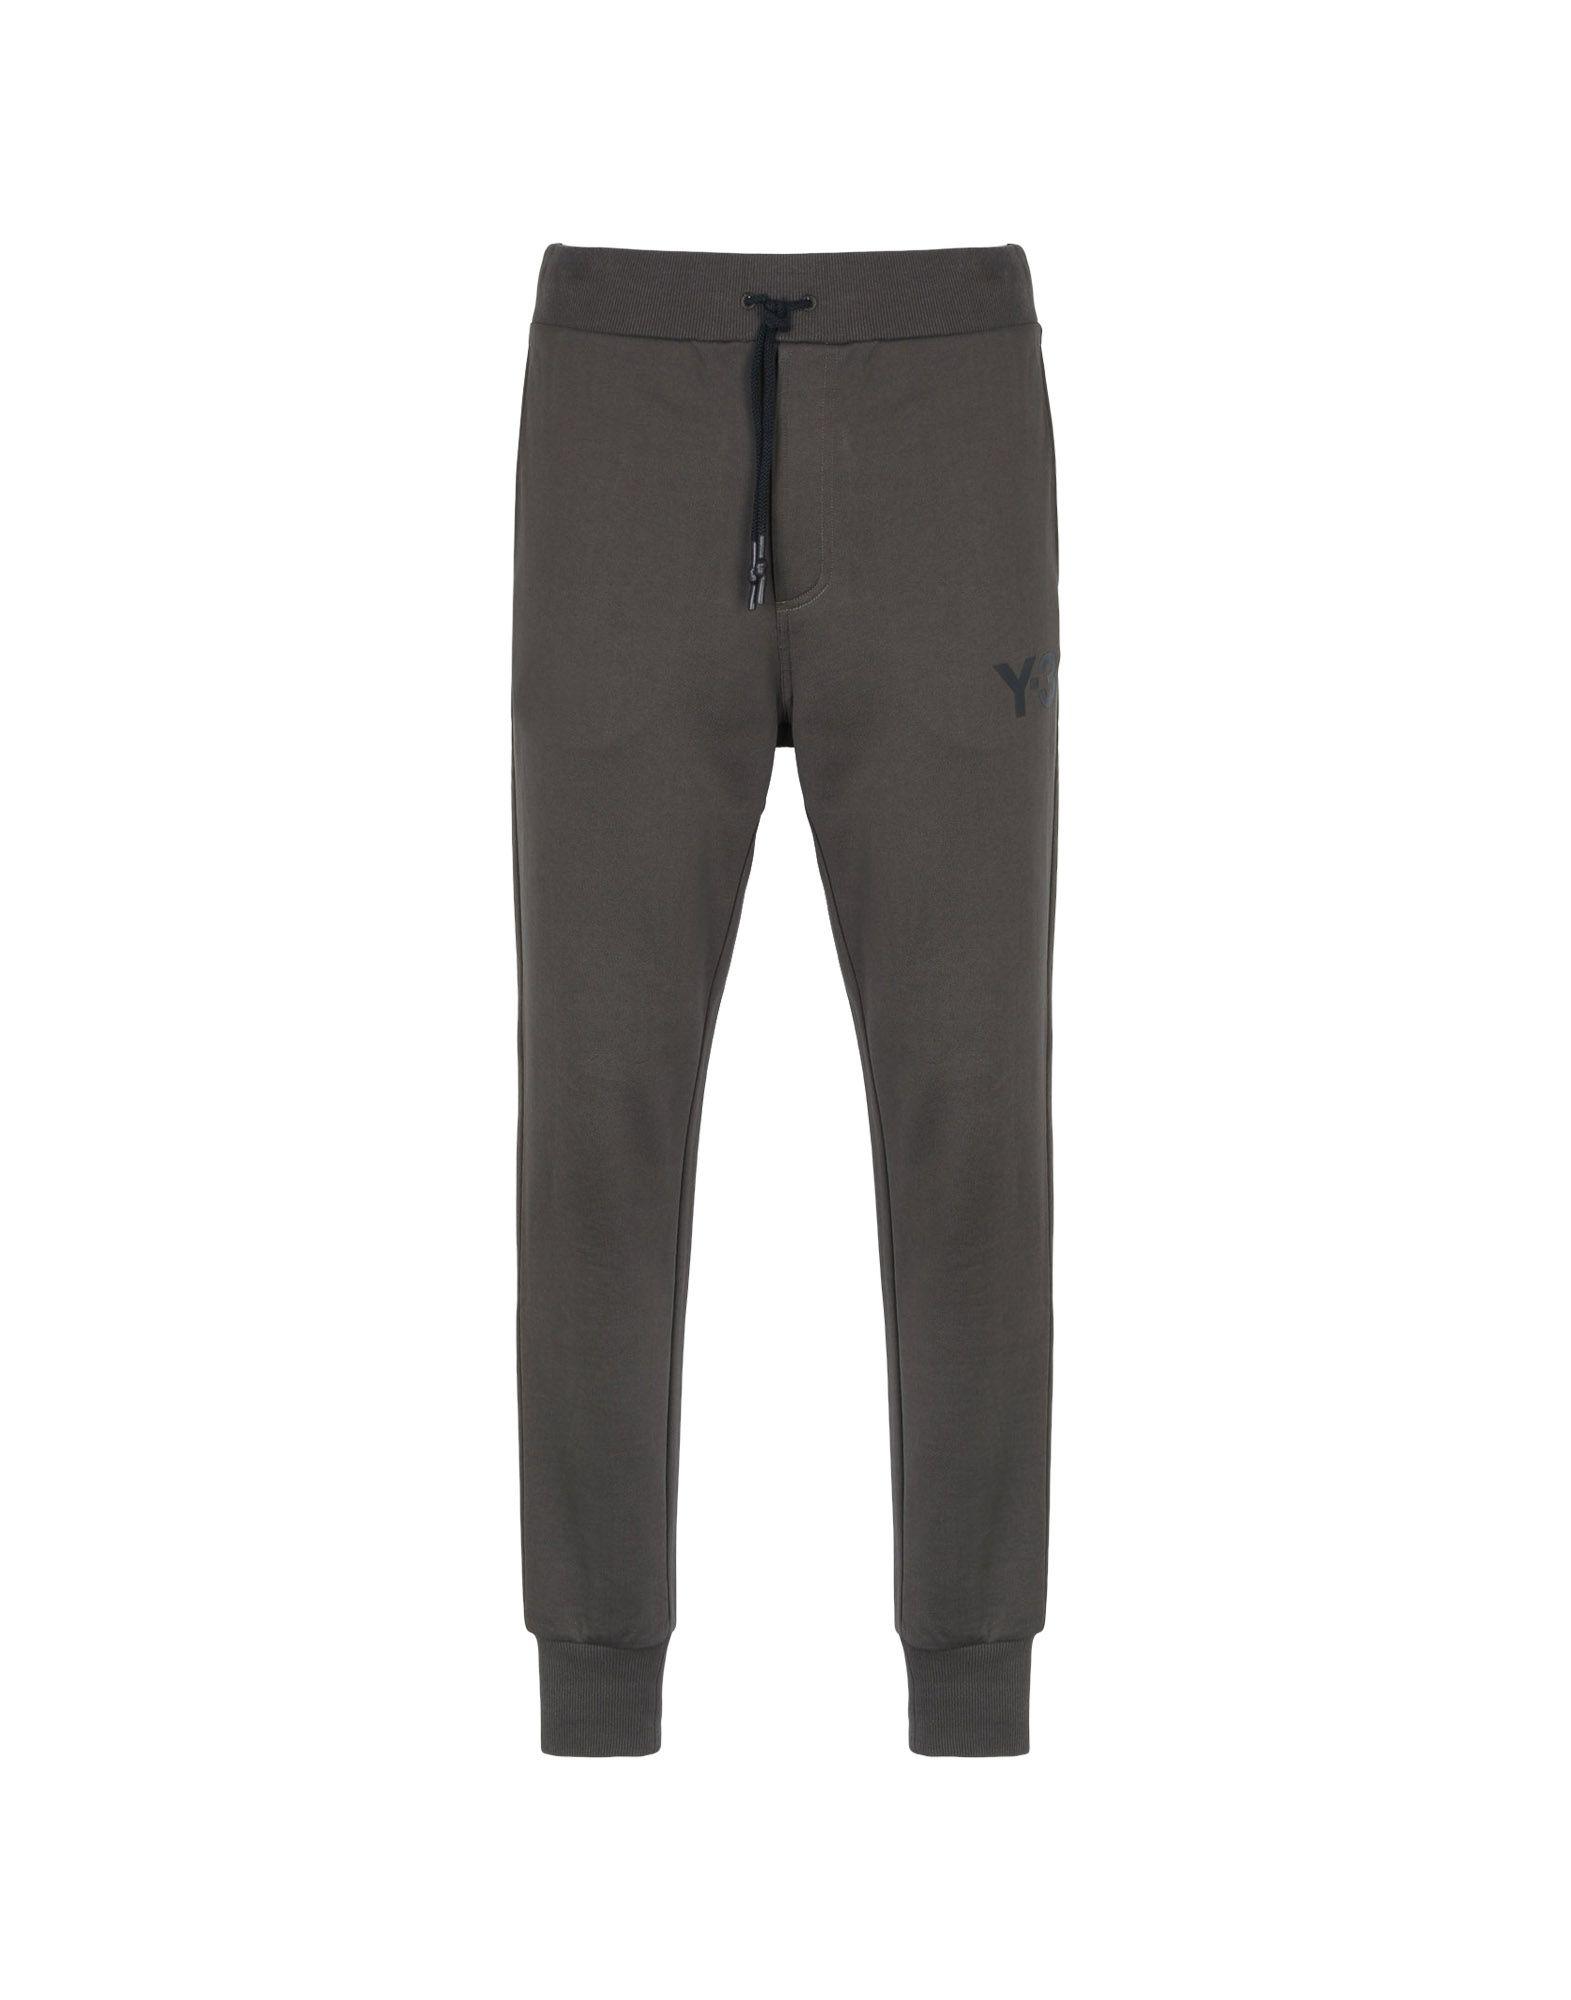 Y-3 Y-3 CLASSIC CUFFED PANT Sweatpants Man f